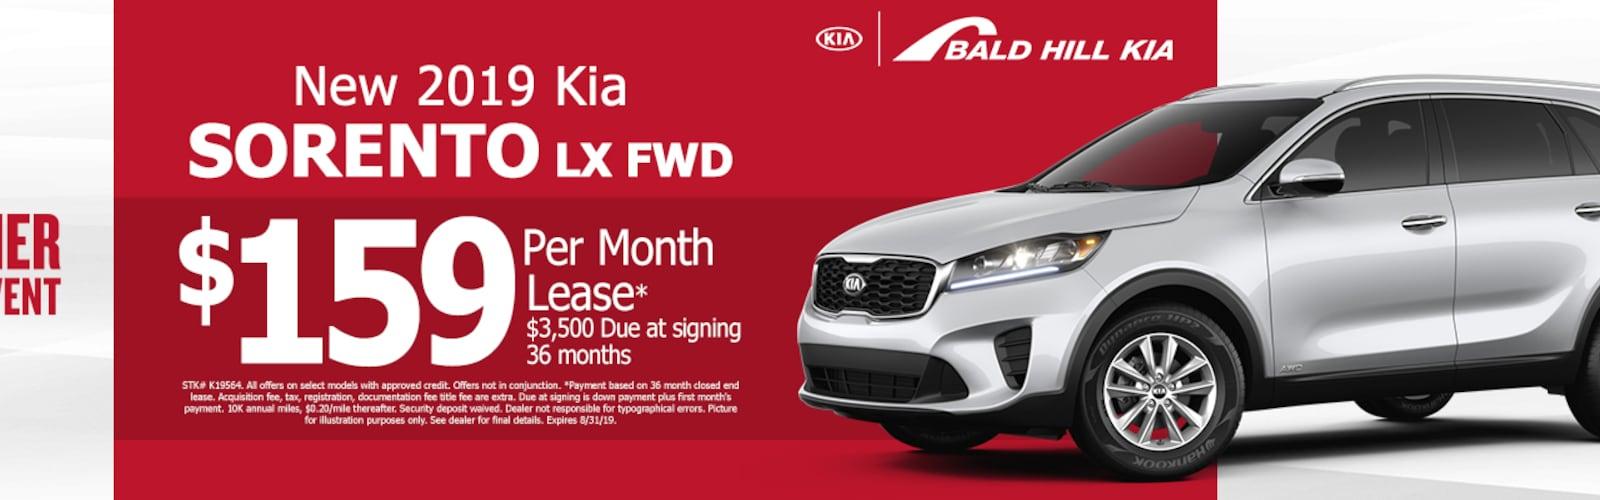 Bald Hill Kia Warwick | New & Used Kia Dealer In RI